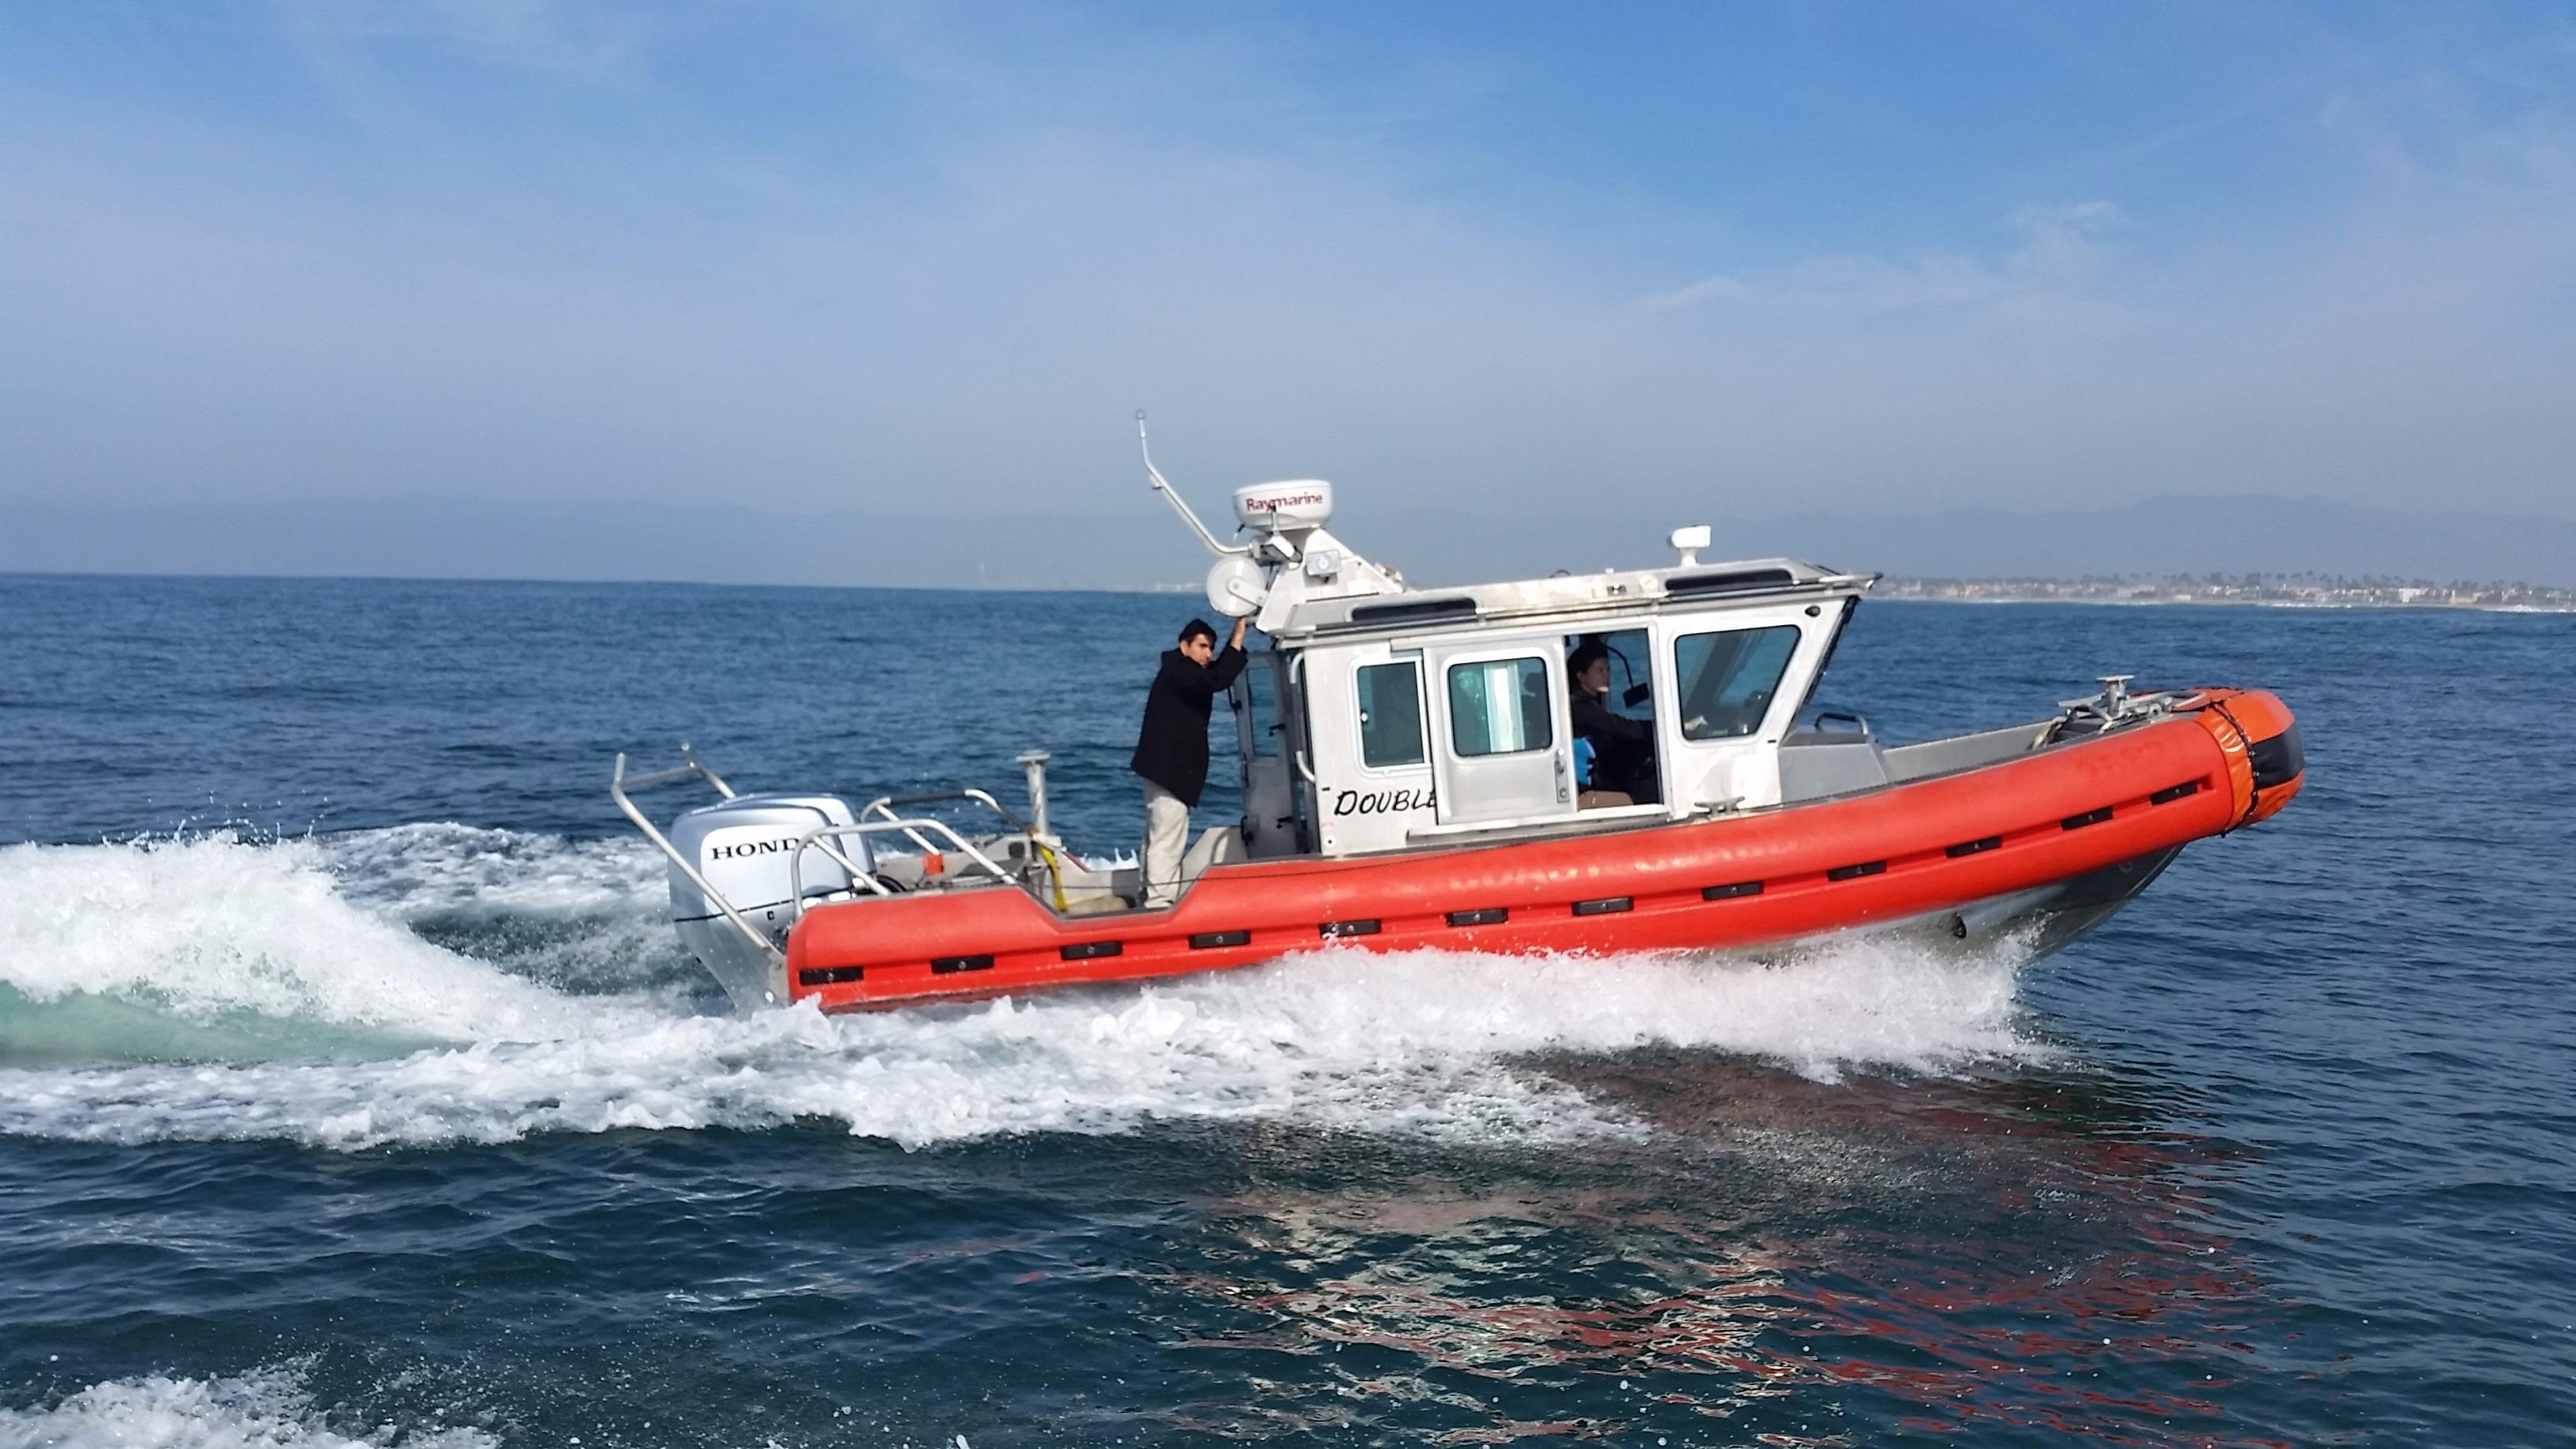 2009 safe boat defender response boat rb s power boat. Black Bedroom Furniture Sets. Home Design Ideas